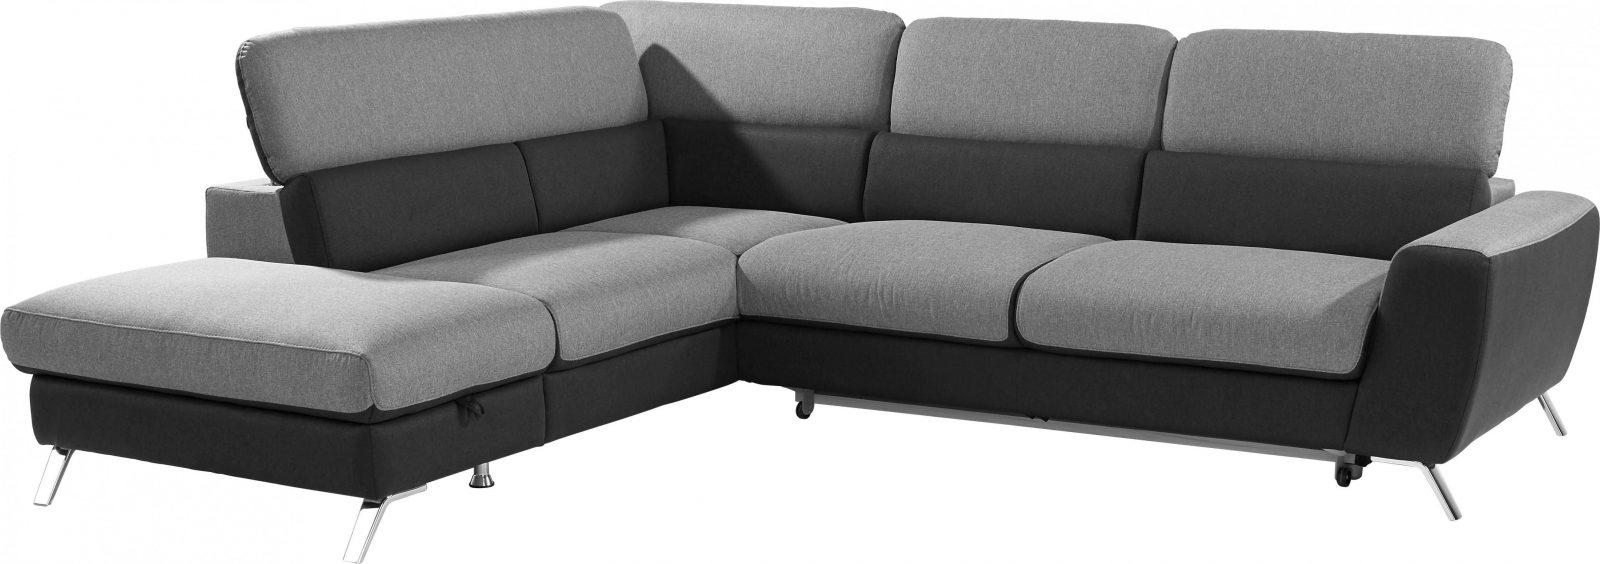 Polstermöbel Mit Schlaffunktion Online Kaufen von Couch Mit Bettkasten Und Schlaffunktion Bild